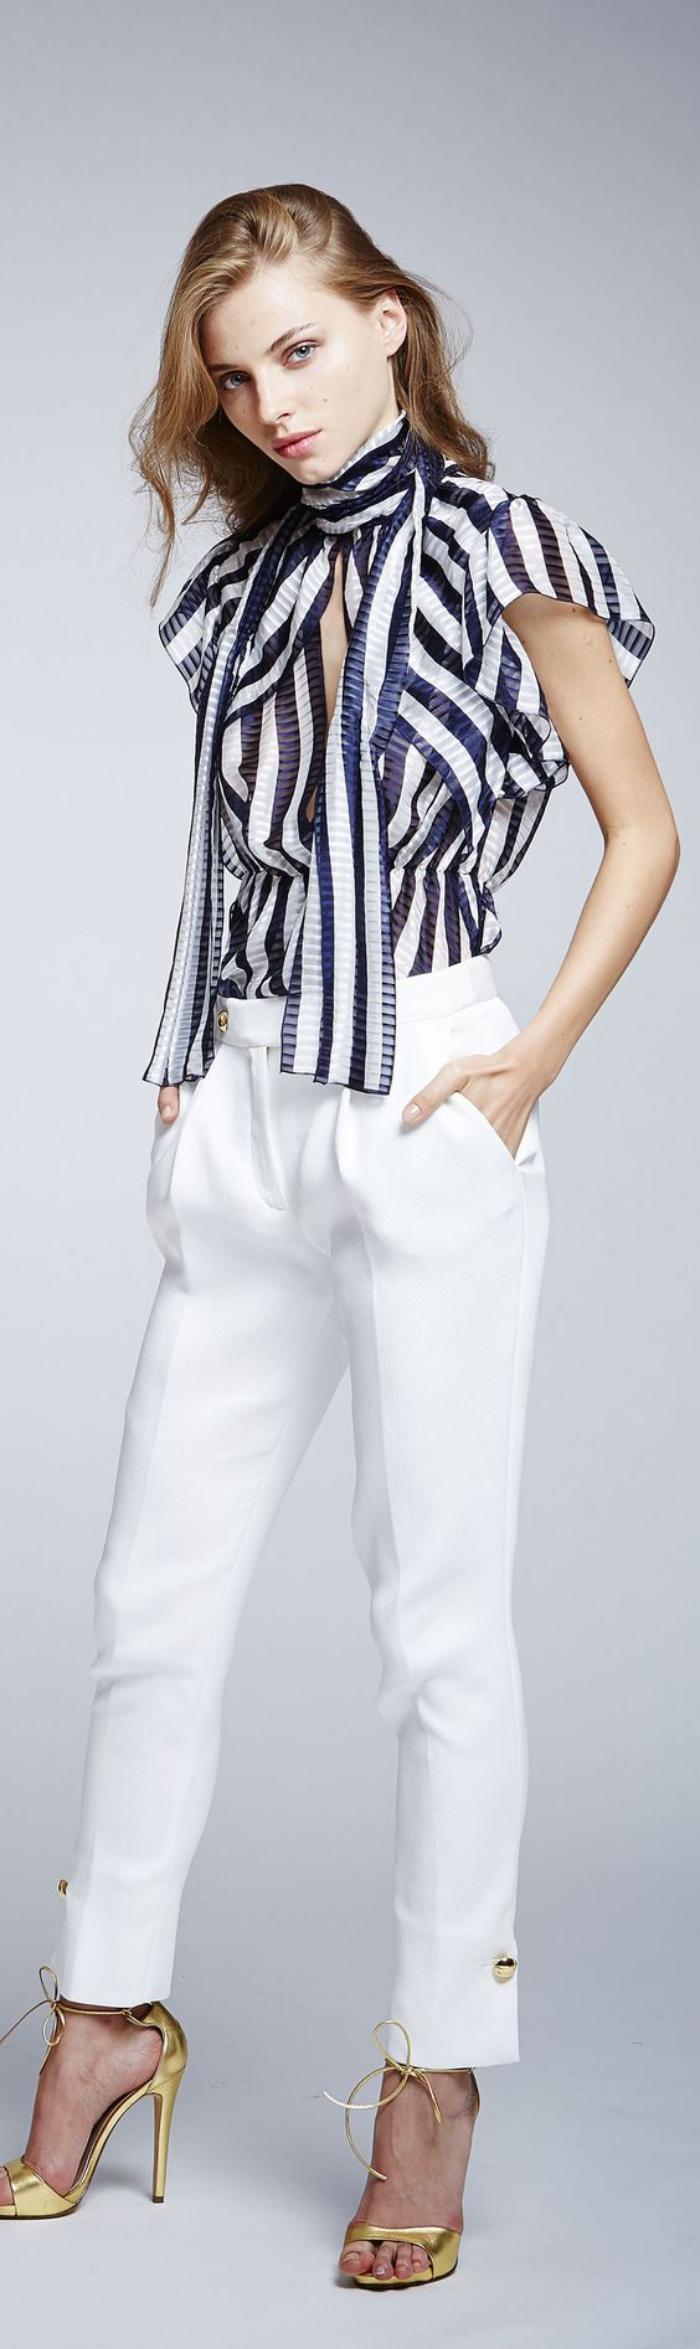 chemise-rayée-femme-outfit-classy-avec-chemisier-rayé